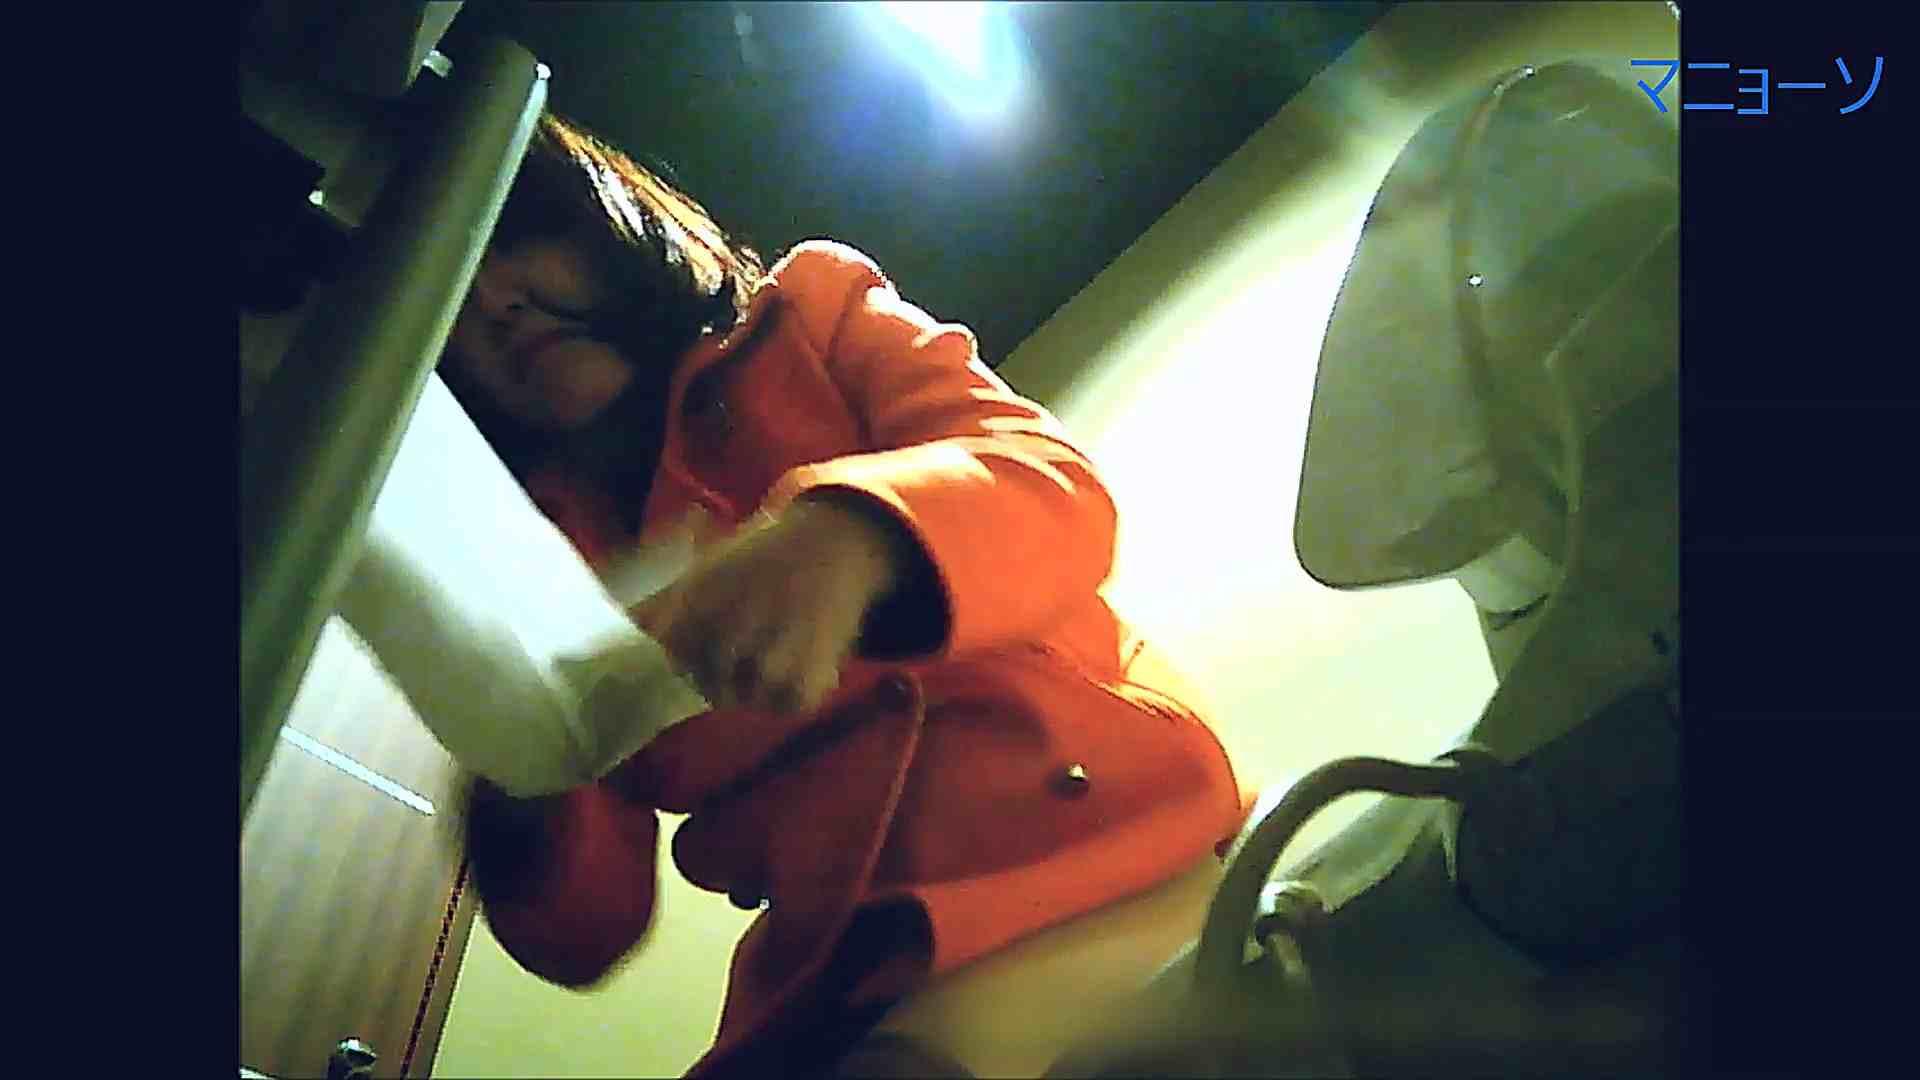 トイレでひと肌脱いでもらいました (番外編)Vol.03 トイレ盗撮 AV動画キャプチャ 108枚 97